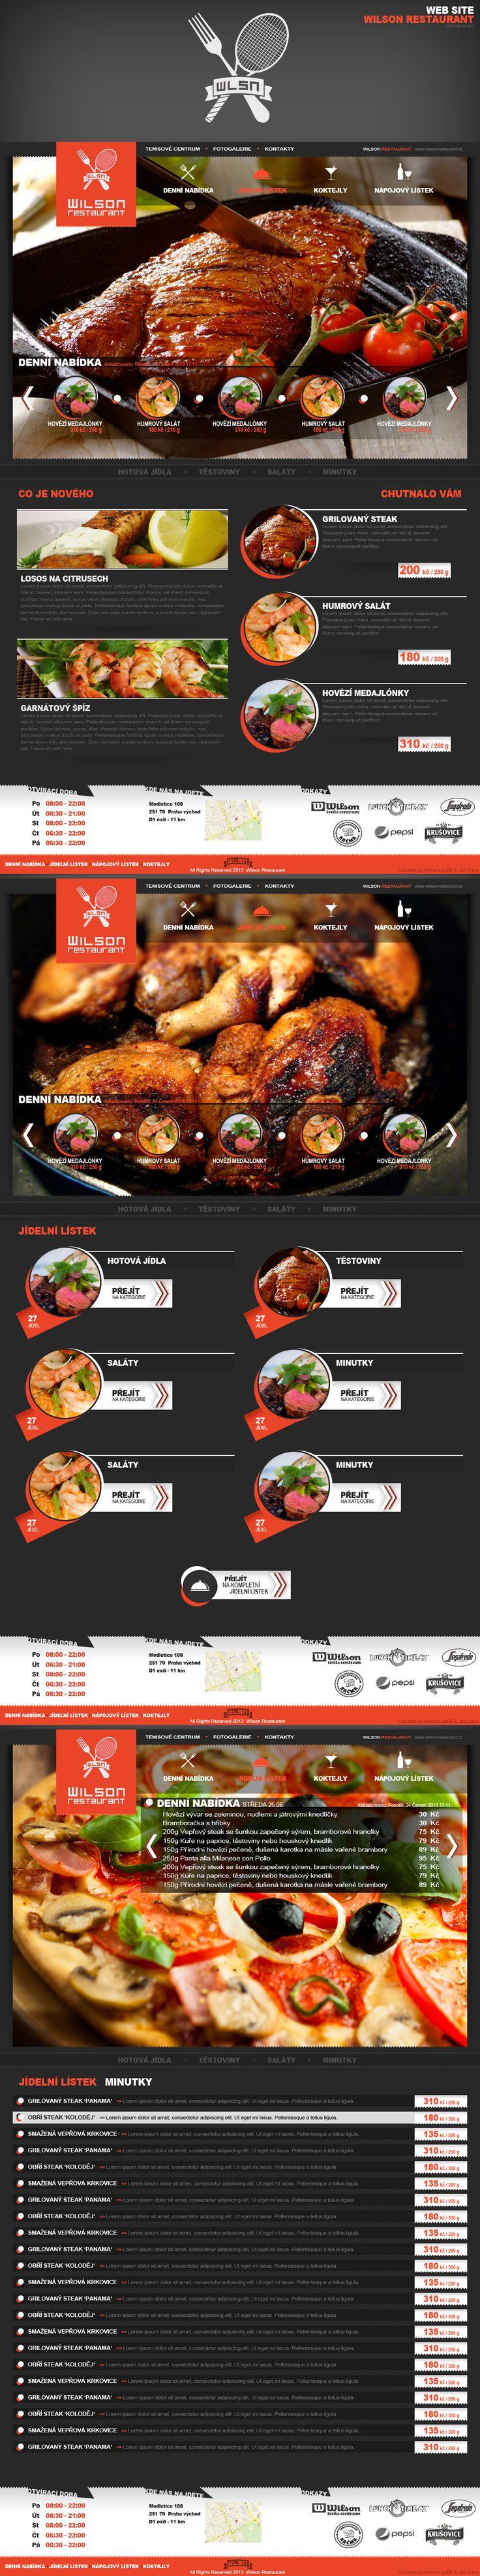 wrestaurant-reference.jpg (1050×5630)